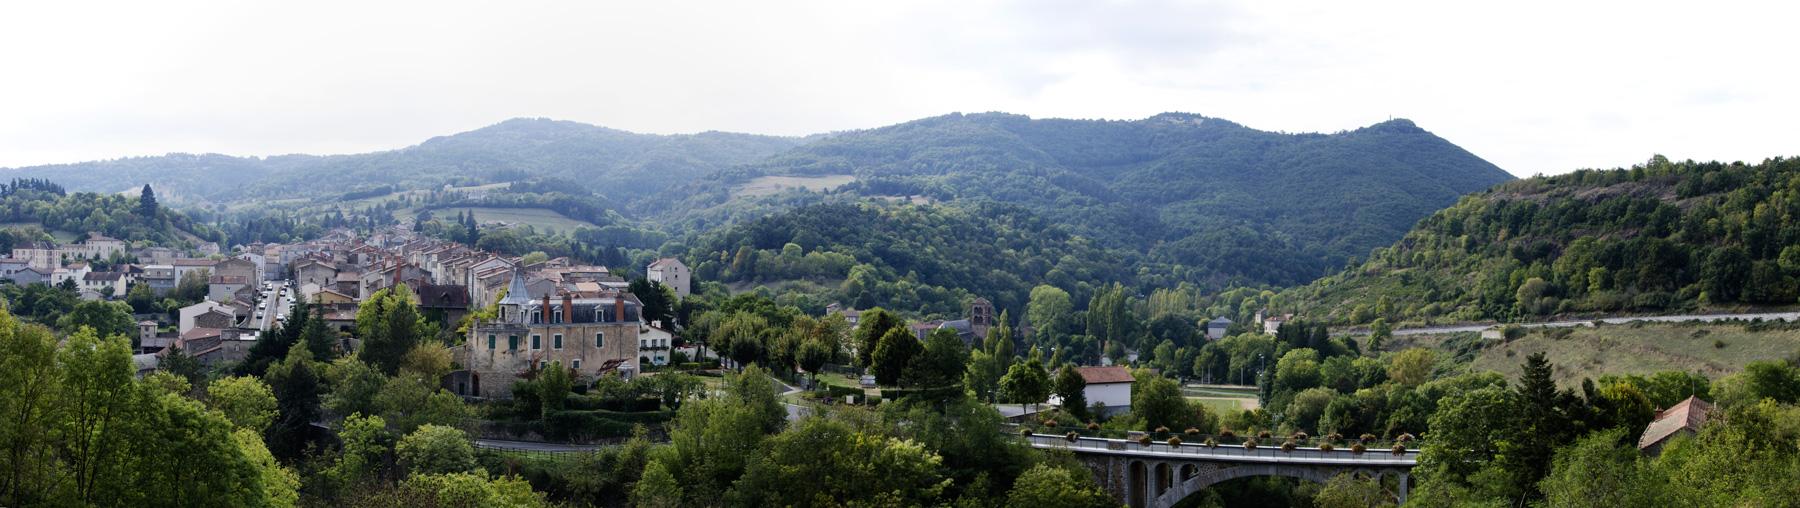 Vue panoramique d'Ardes et de ses alentours.